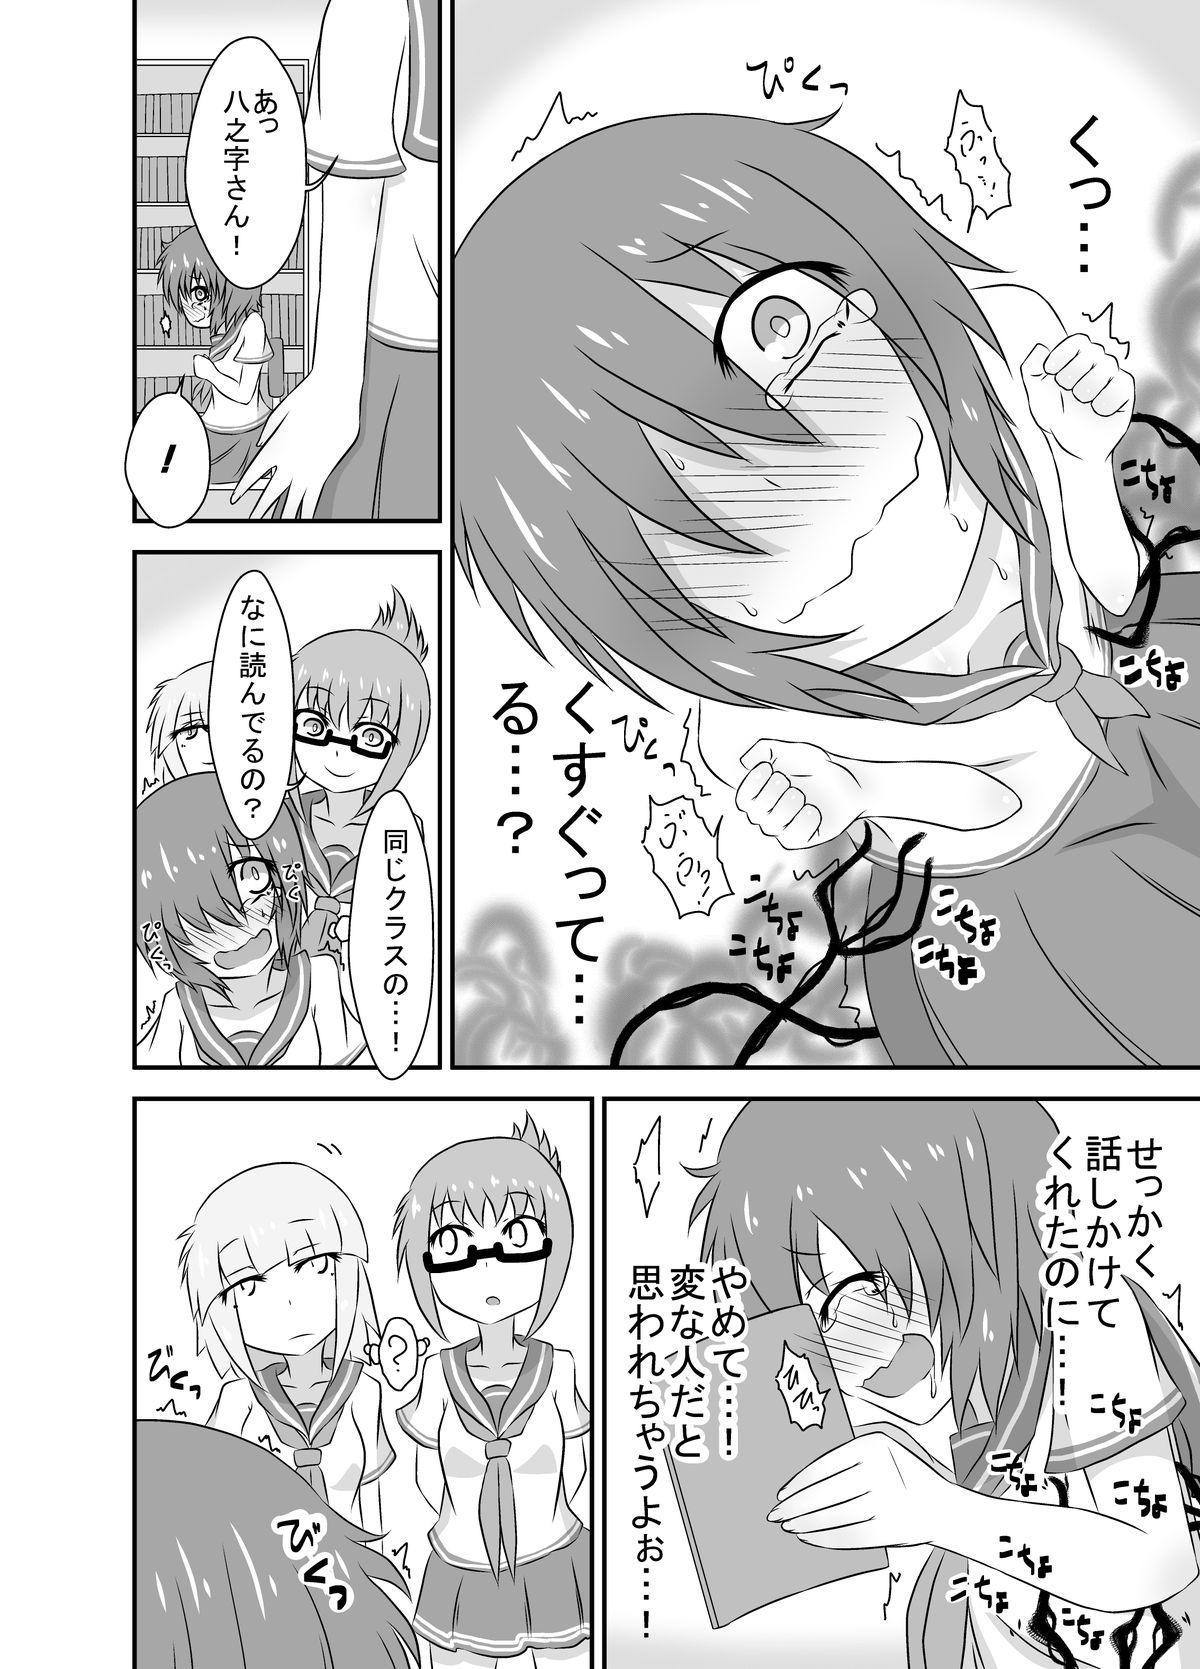 Kochokocho Okako-san! 3 8